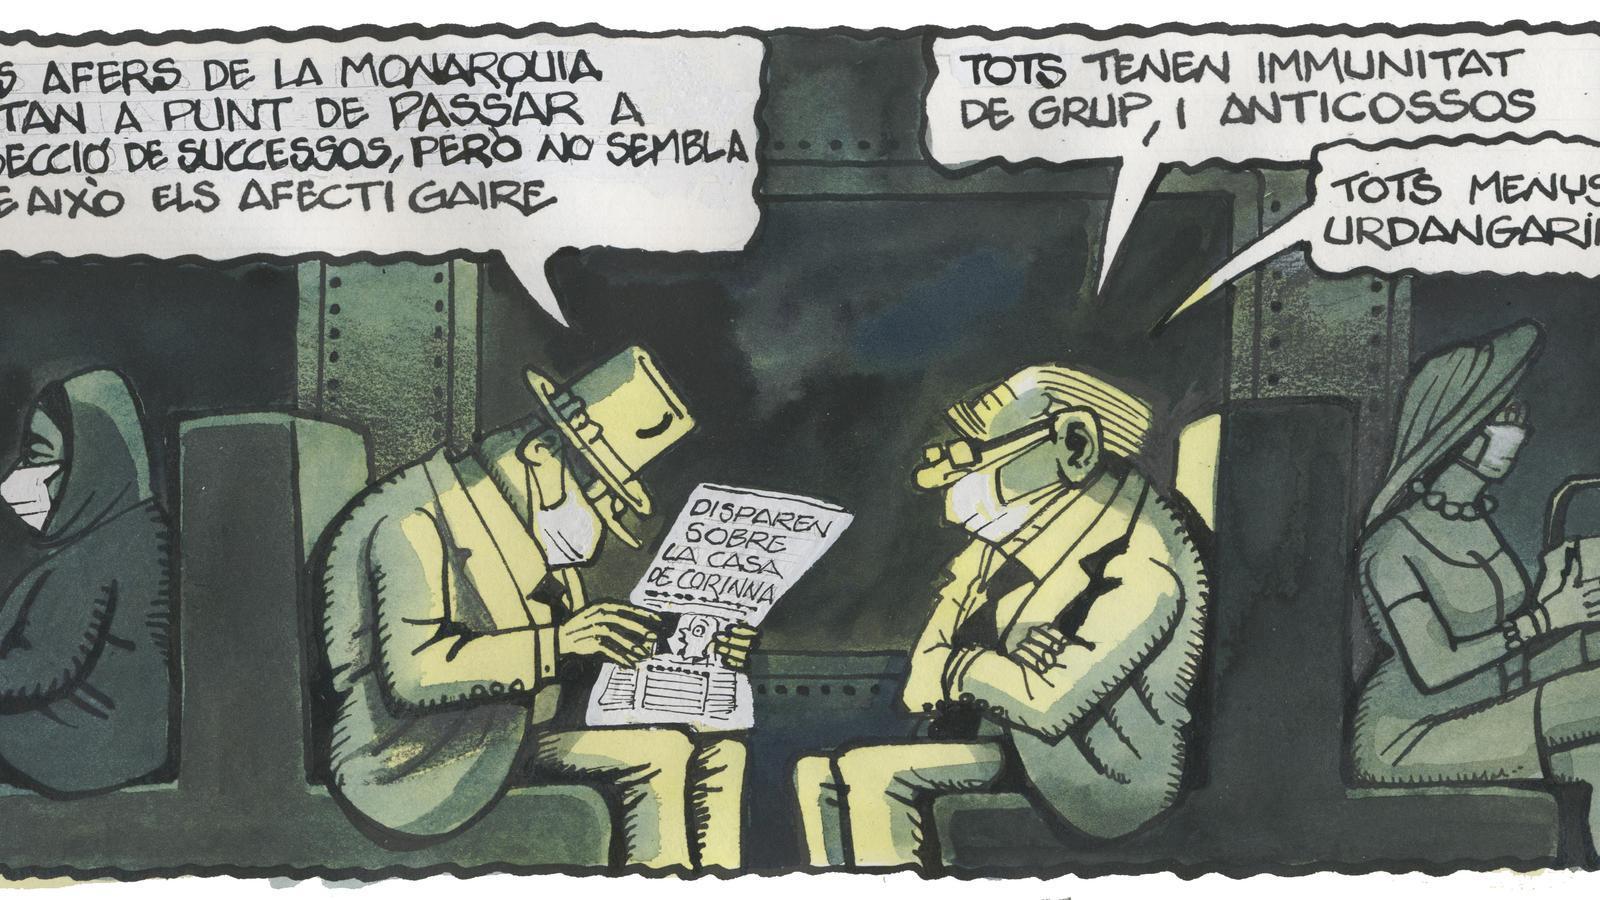 'A la contra', per Ferreres 27/07/2020